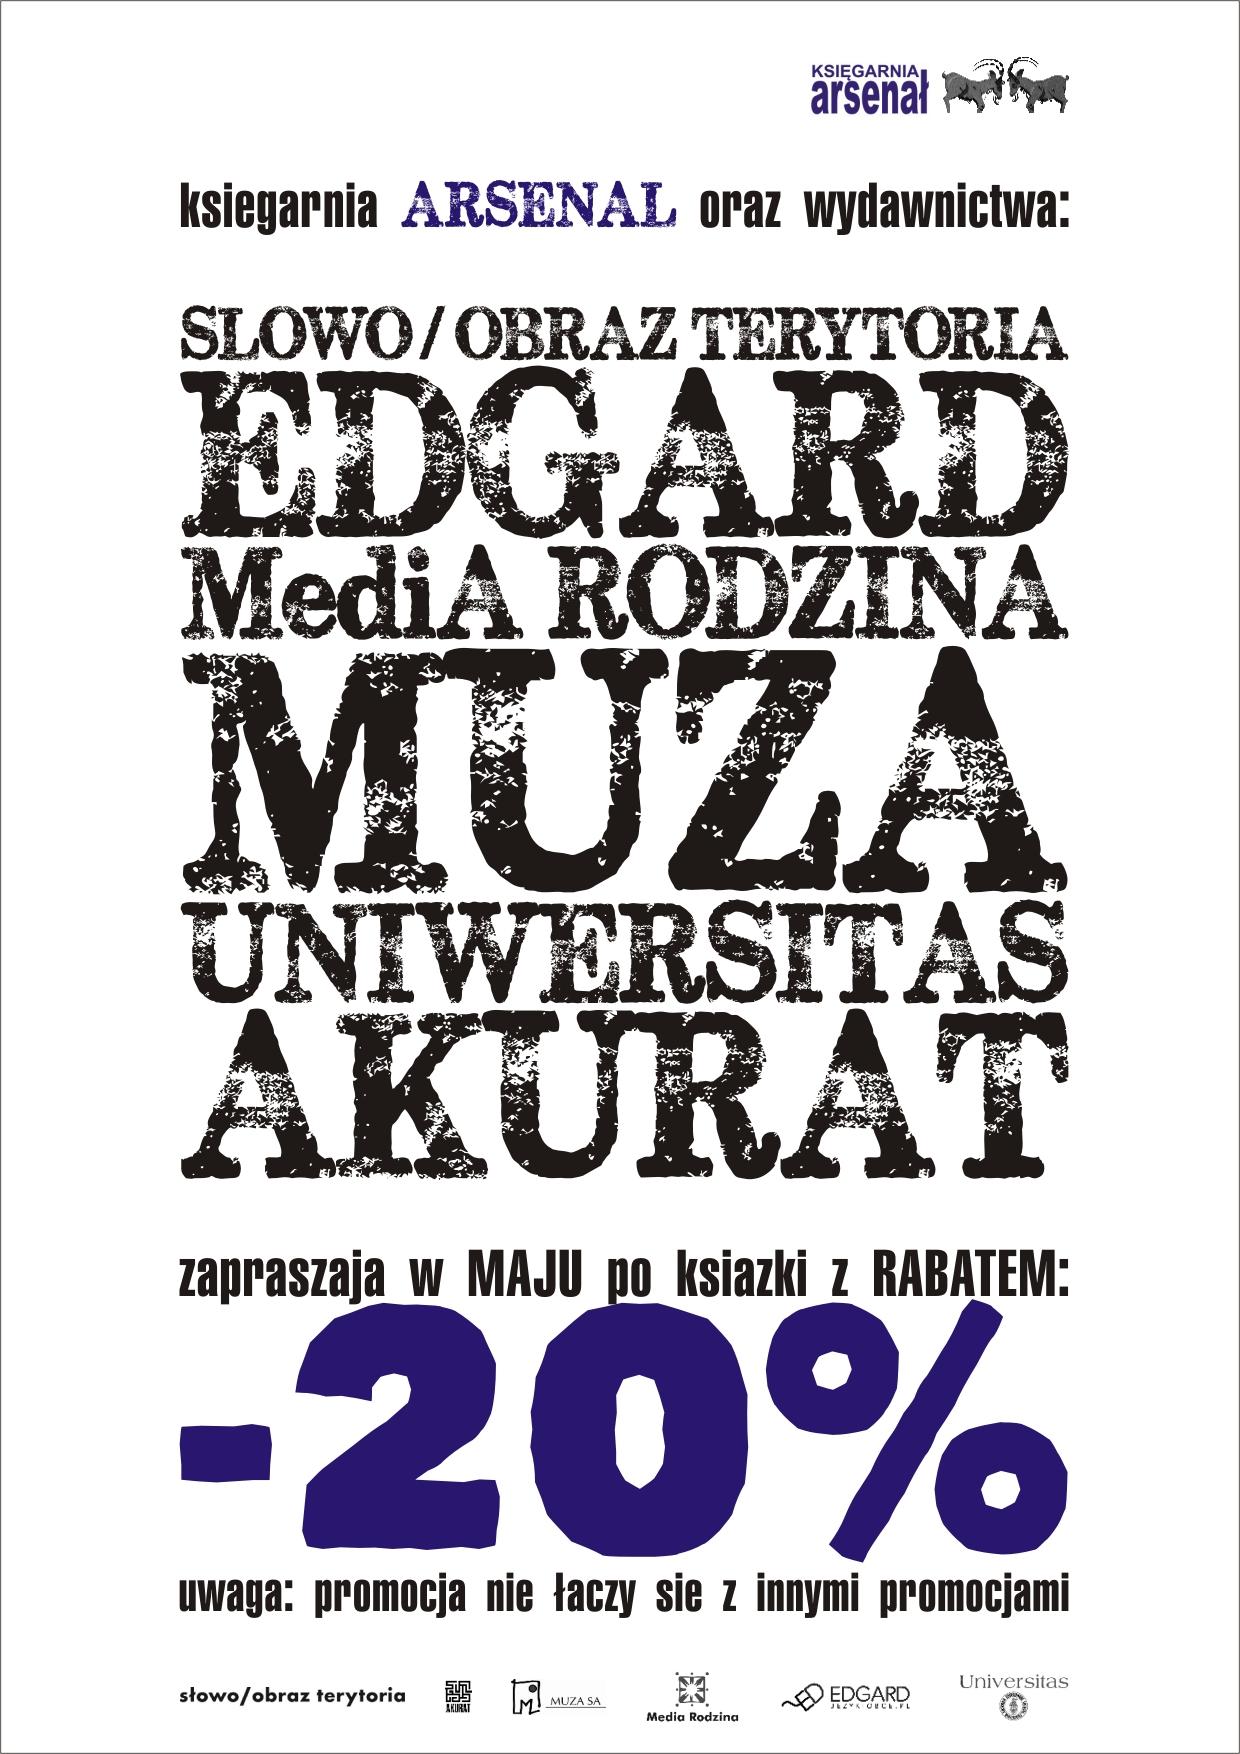 Plakat Promocja księgarnia Arsenał - 20% rabatu w maju